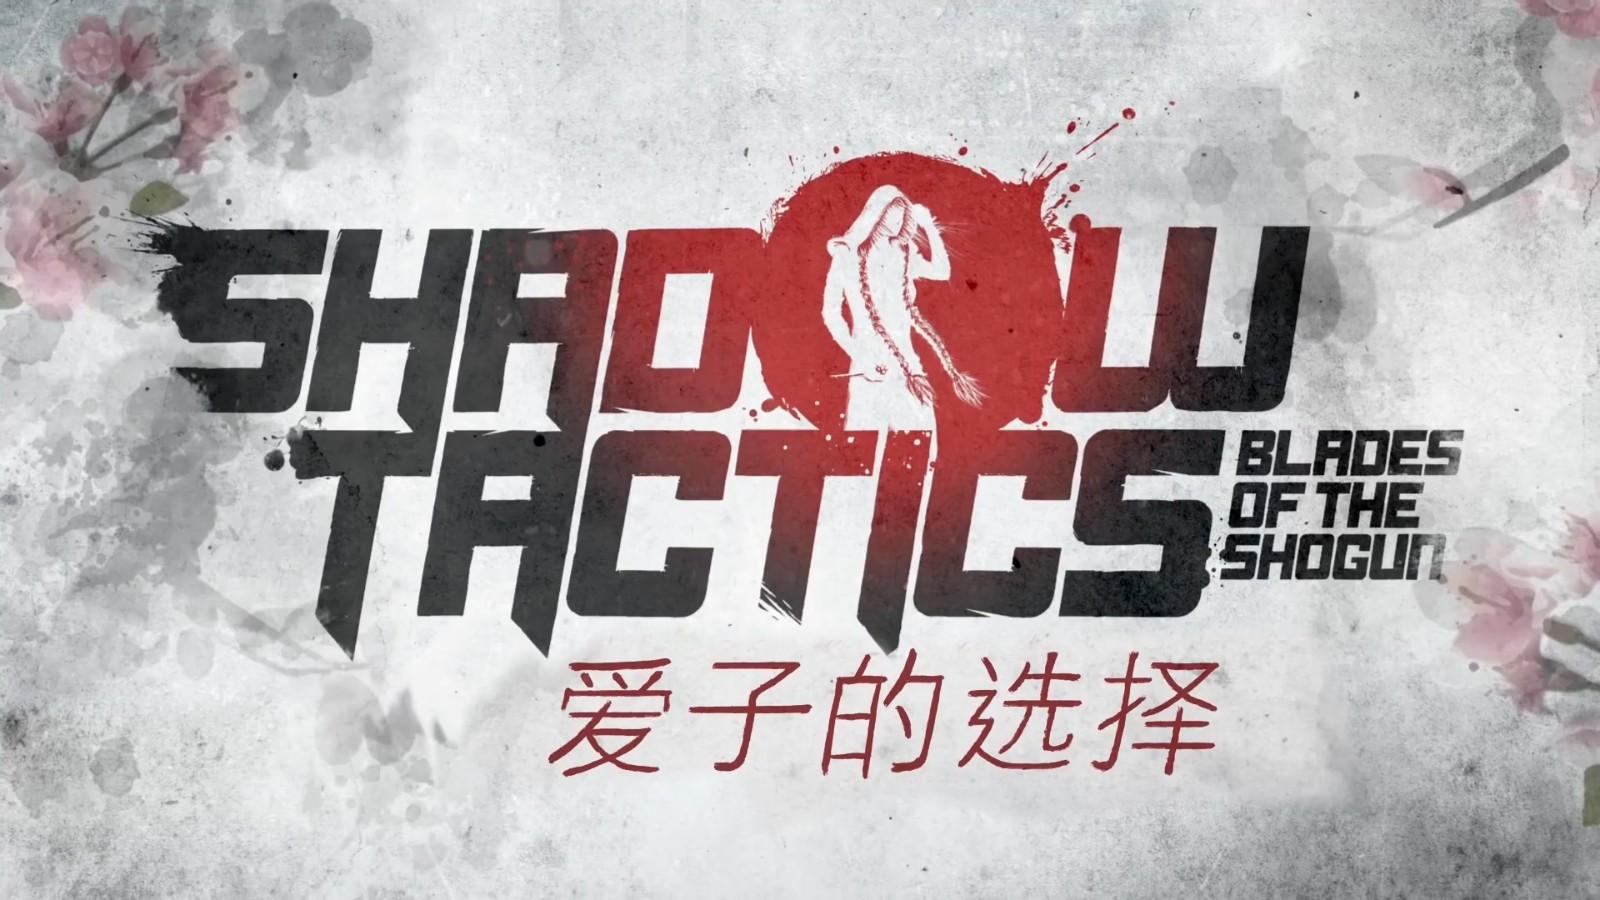 高能电玩节:《影子战术:将军之刃》新DLC宣传片插图17